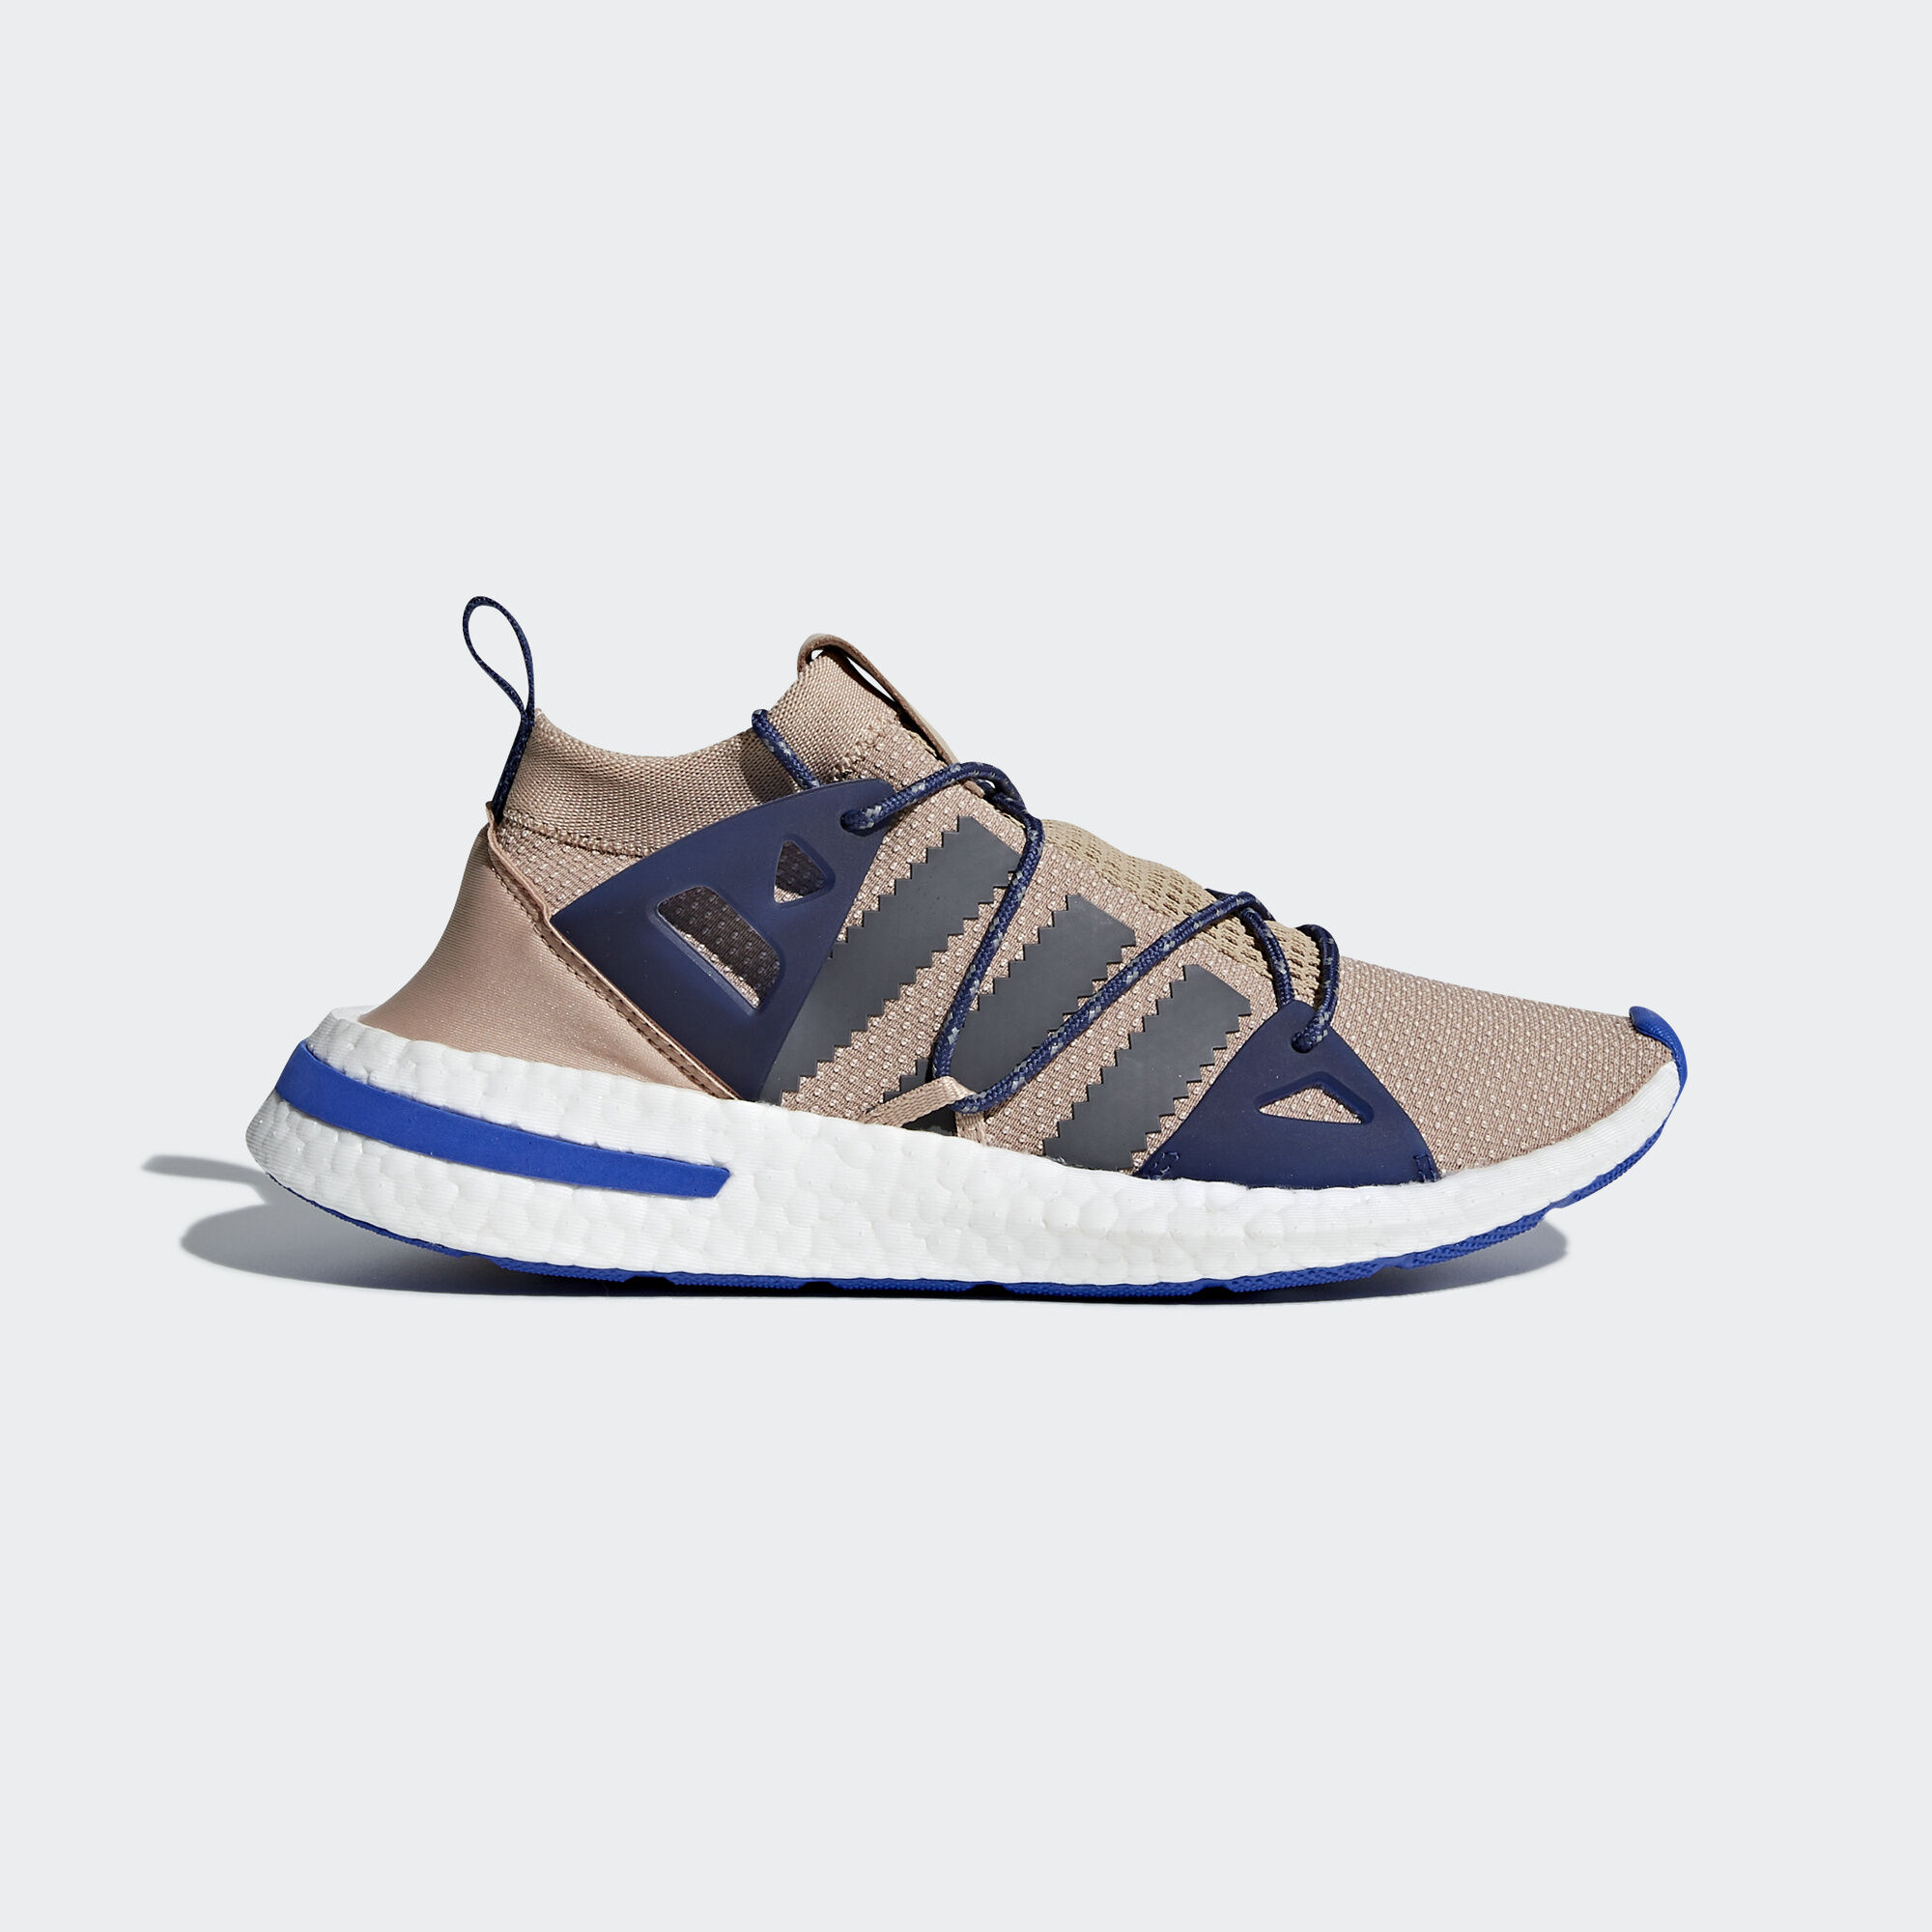 Adidas arkyn scarpe rosa adidas asia / medio oriente